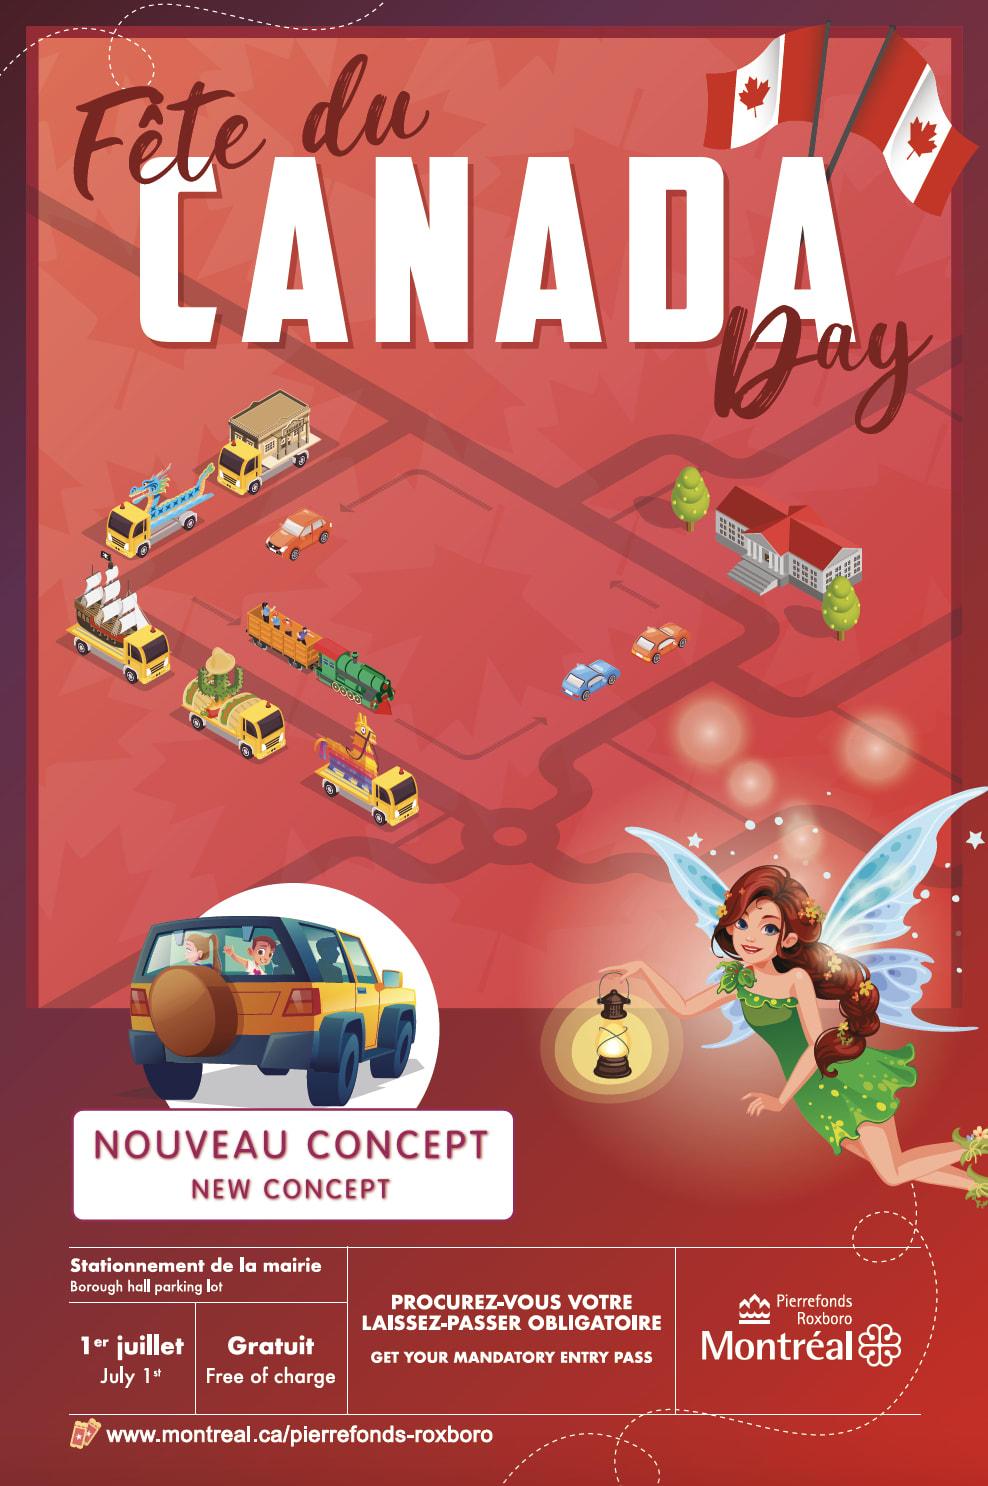 Affiche promotionnelle de la Fête du Canada à Pierrefonds-Roxboro